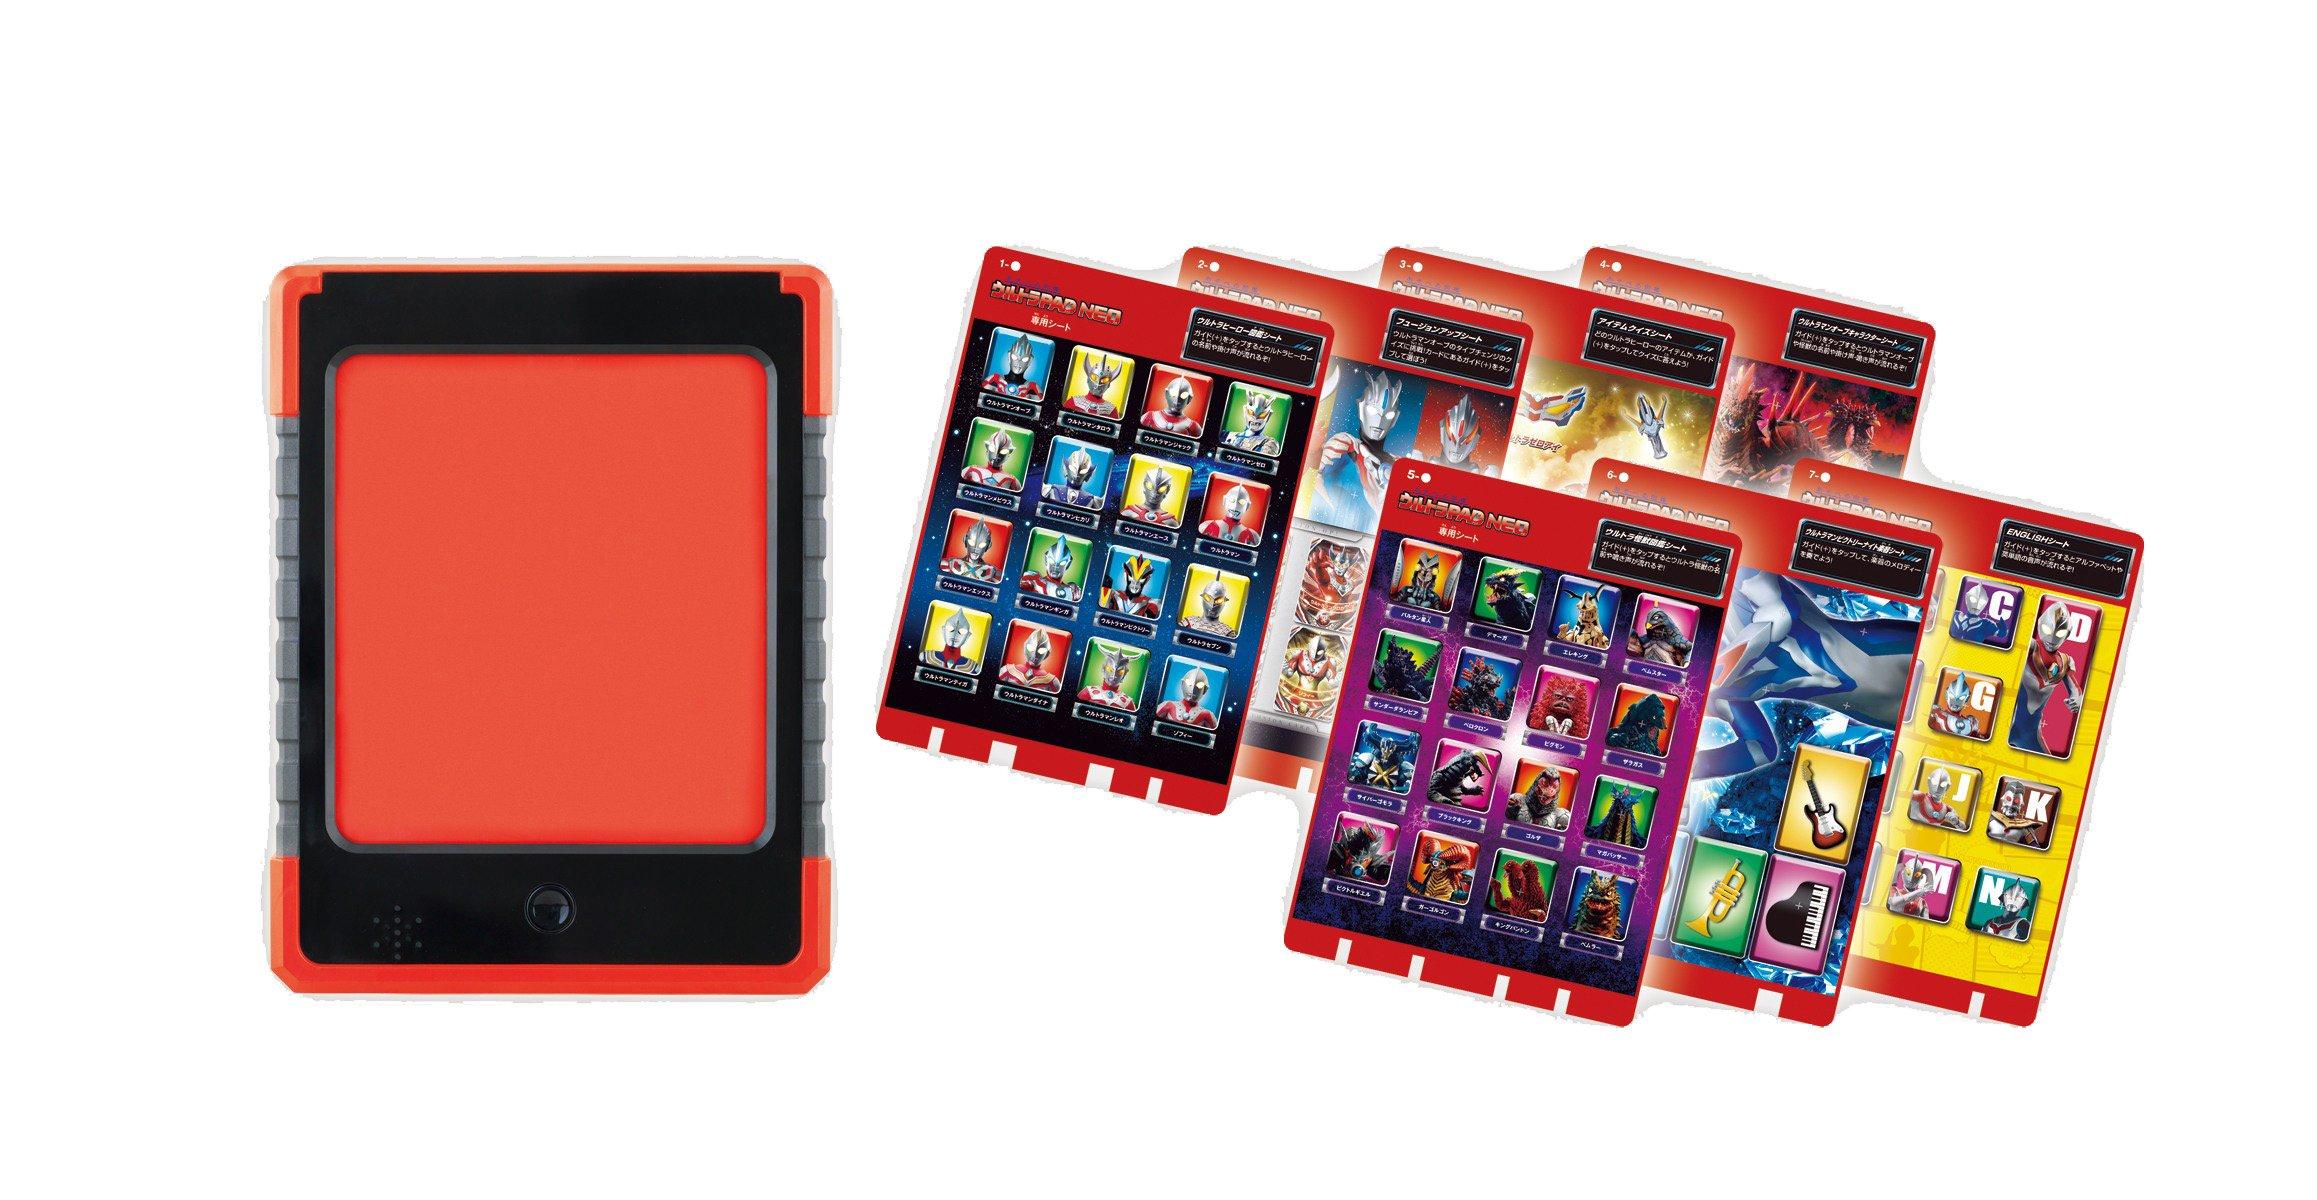 Bandai Ultra PAD NEO Toy Tablet by Bandai (Image #6)